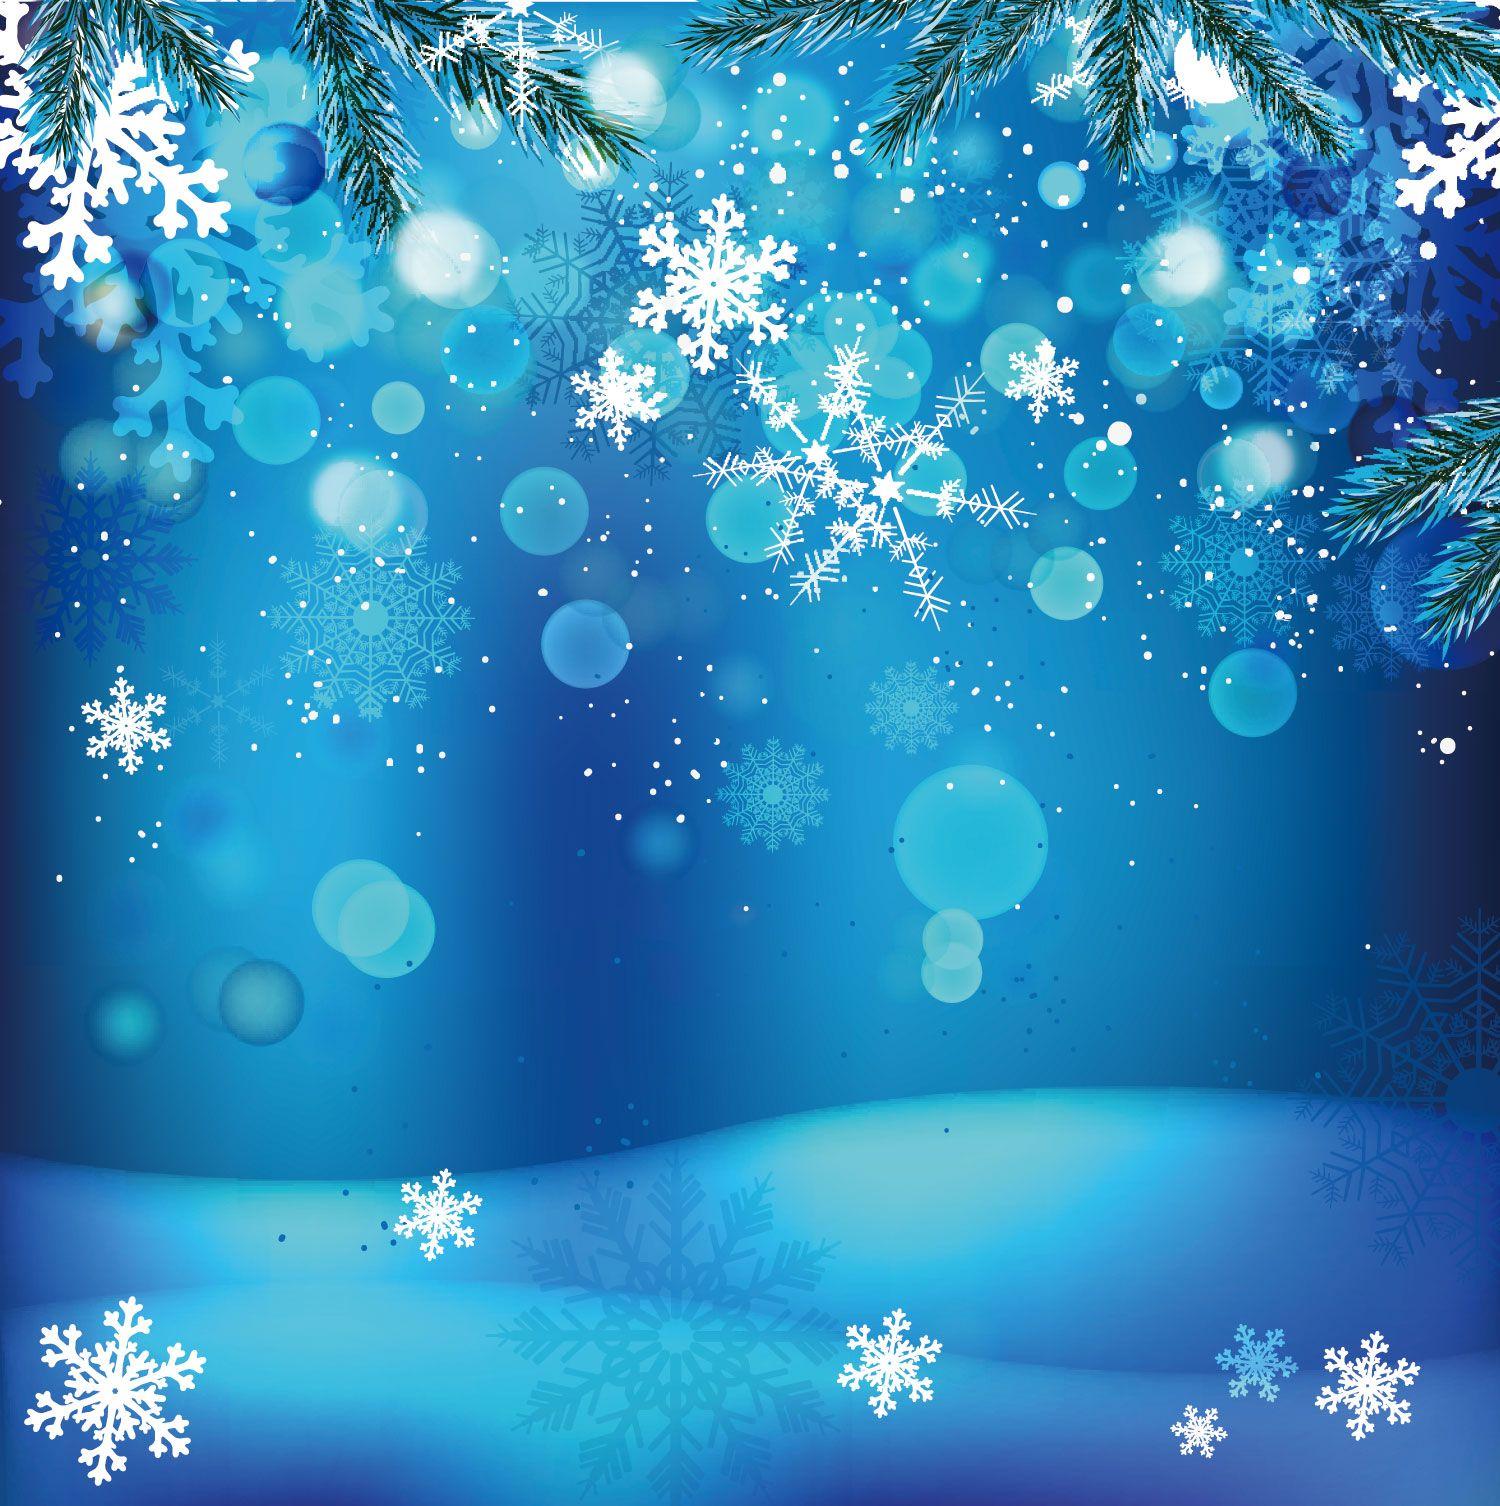 冬の画像サンプル-降り積もる雪 | fundos | pinterest | 雪 と 冬